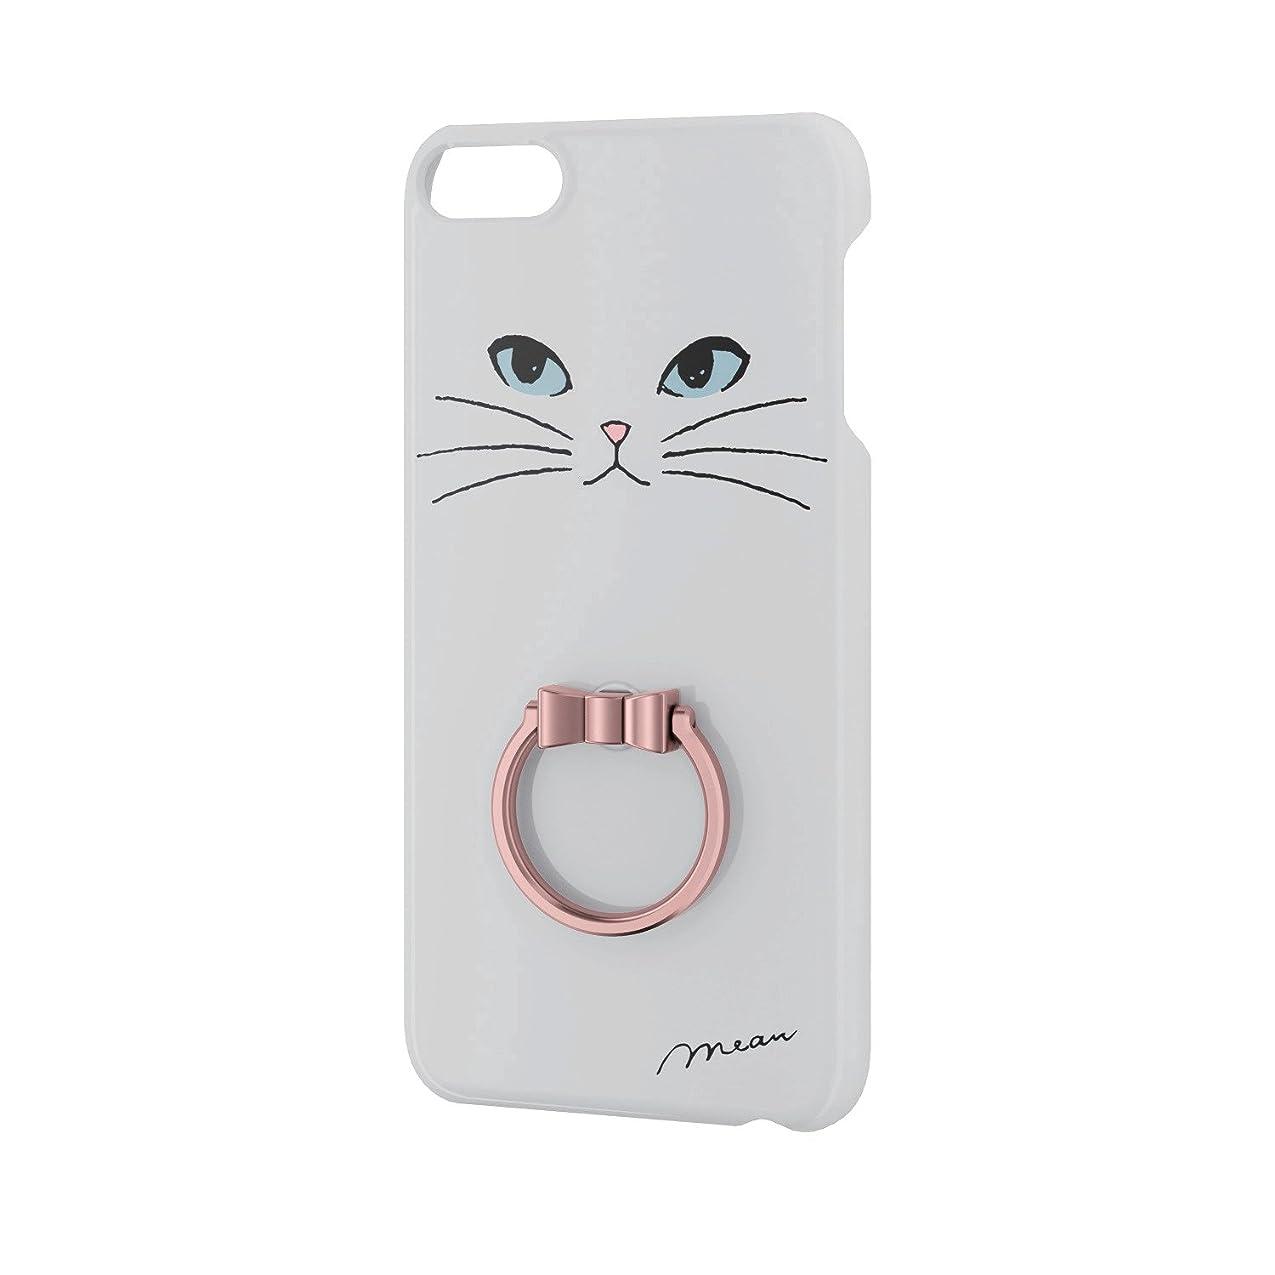 苦難子供時代製品エレコム iPod Touch 【第6世代】 ケース ポリカーボネート素材 リング付き 白ネコ AVA-T17PVRJWH